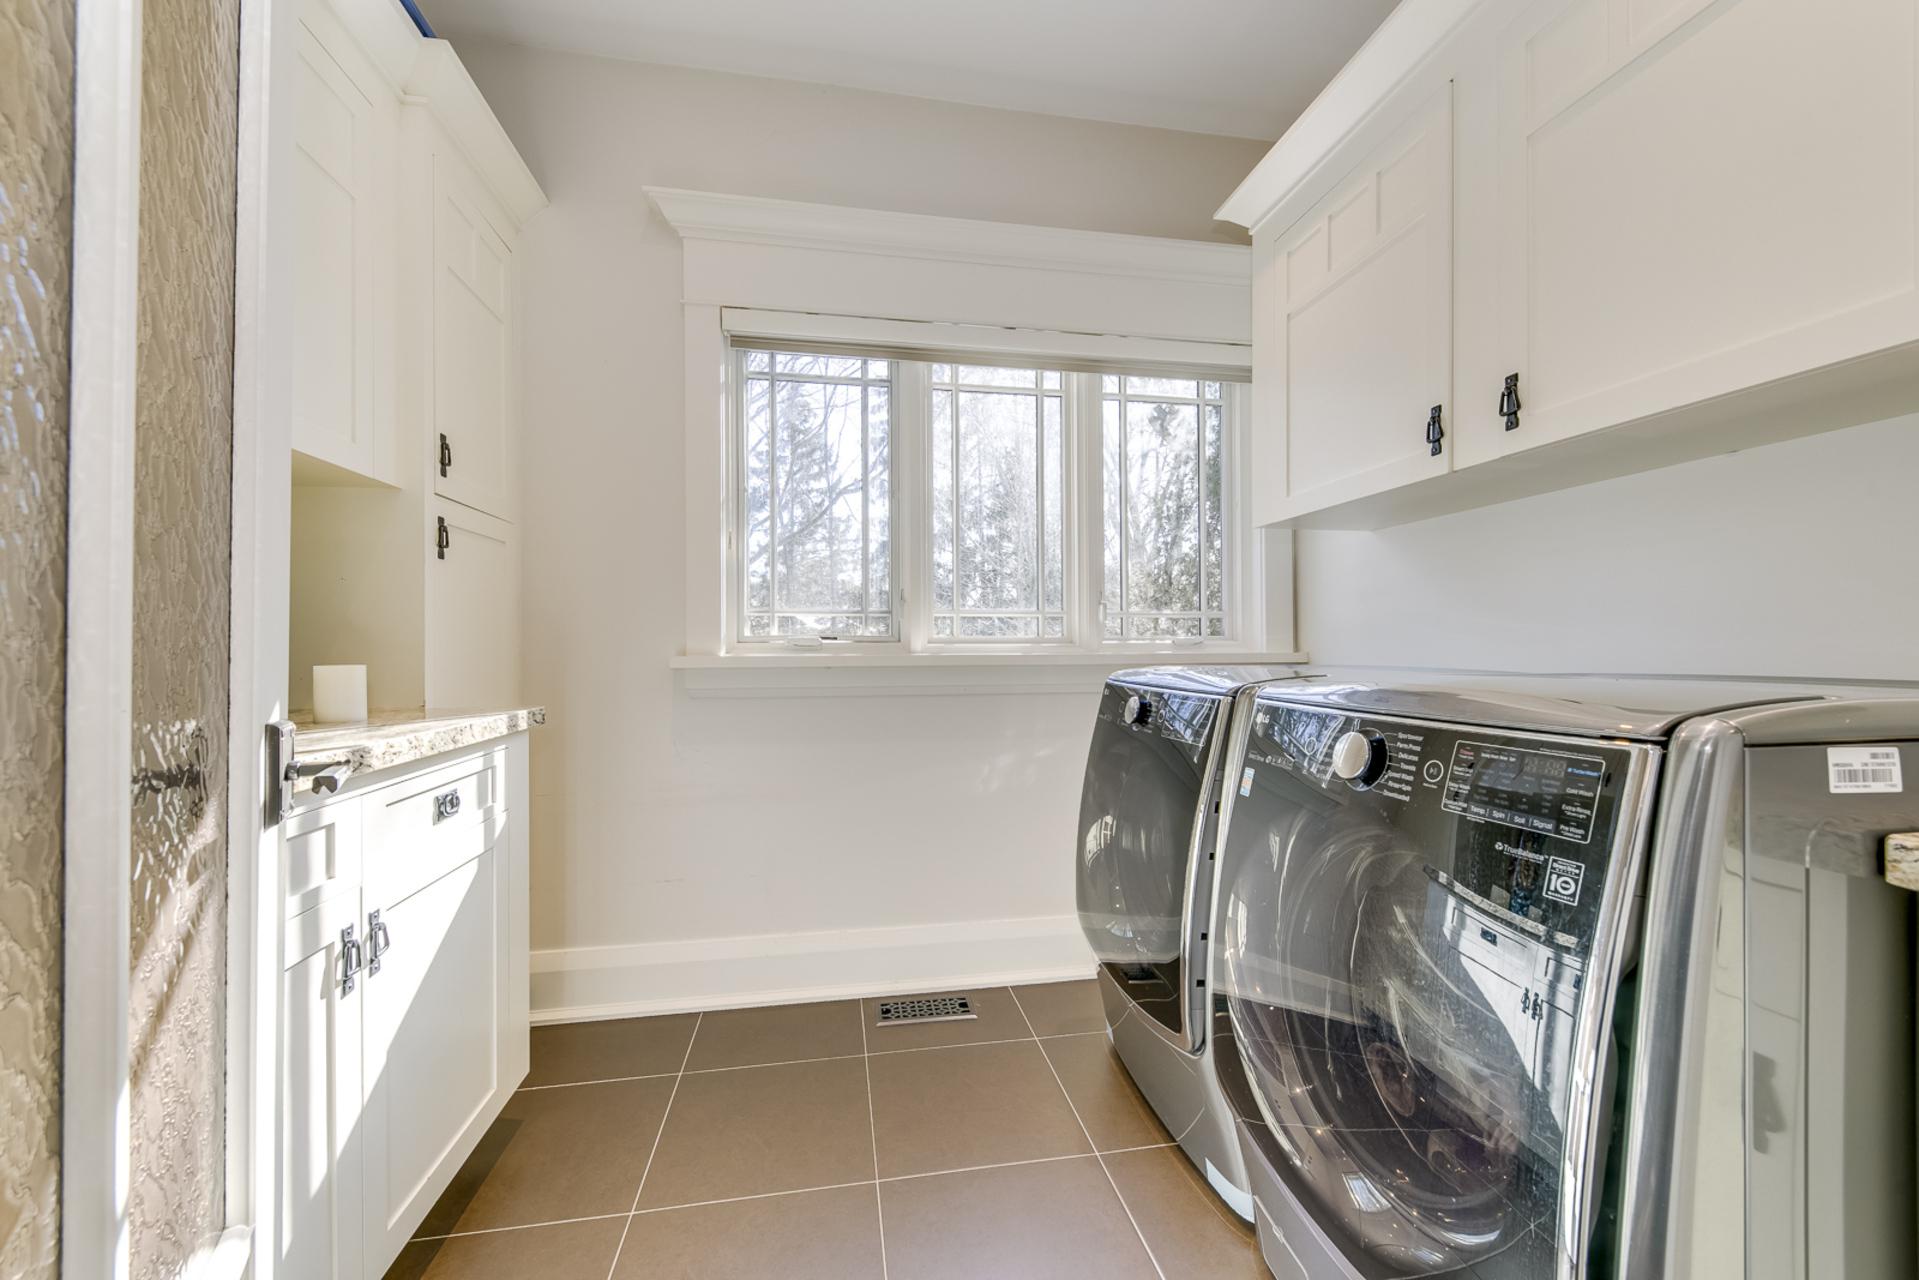 Laundry Room - 1162 Morrison Heights, Oakville - Elite3 & Team at 1162 Morrison Heights, Eastlake, Oakville